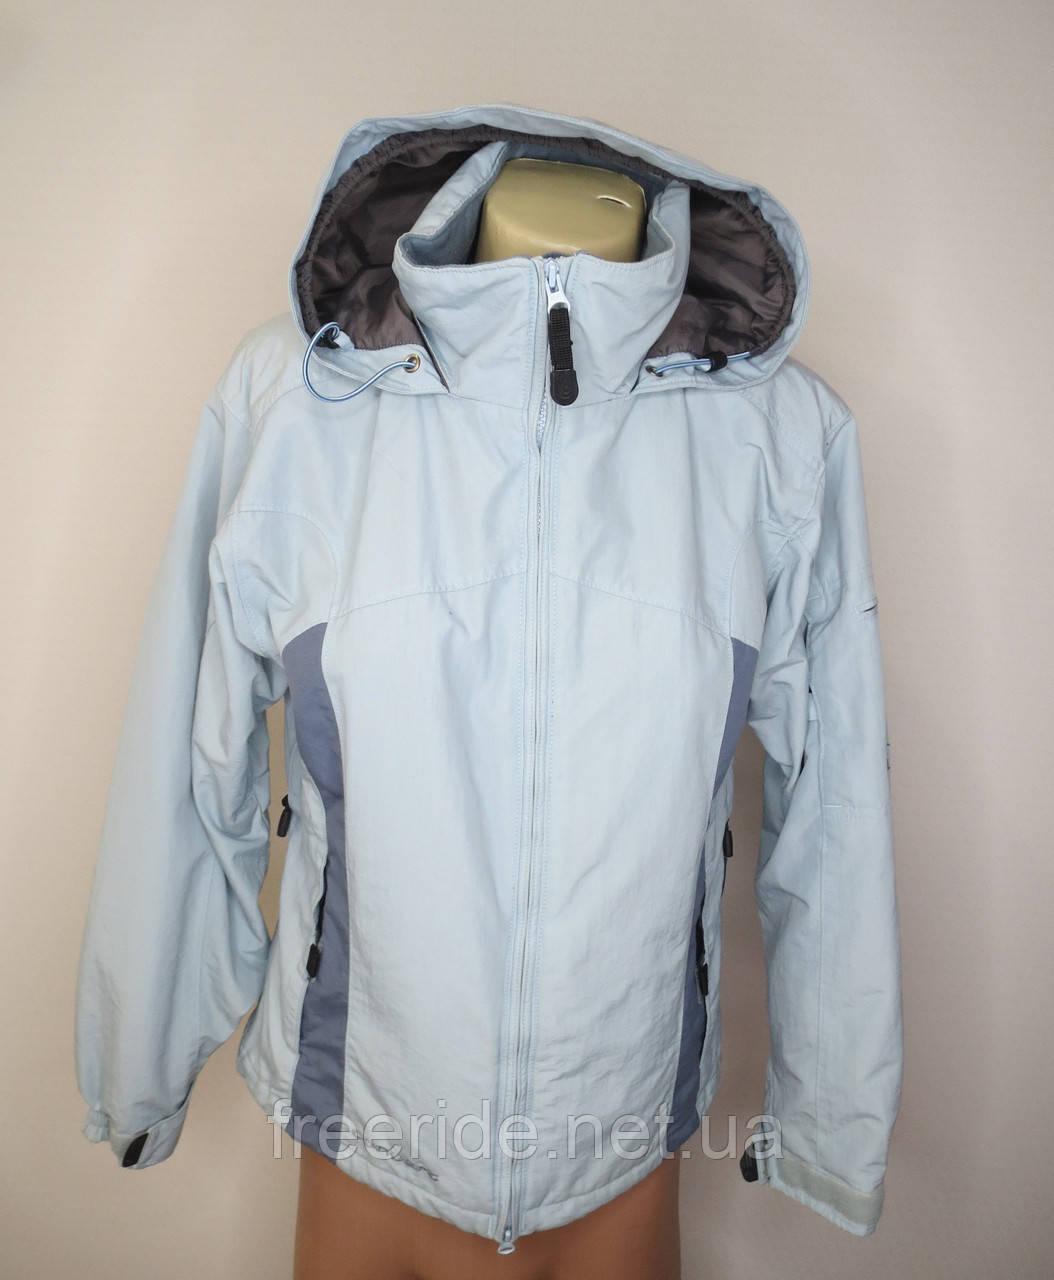 Женская лыжная куртка Columbia (М) Conuert